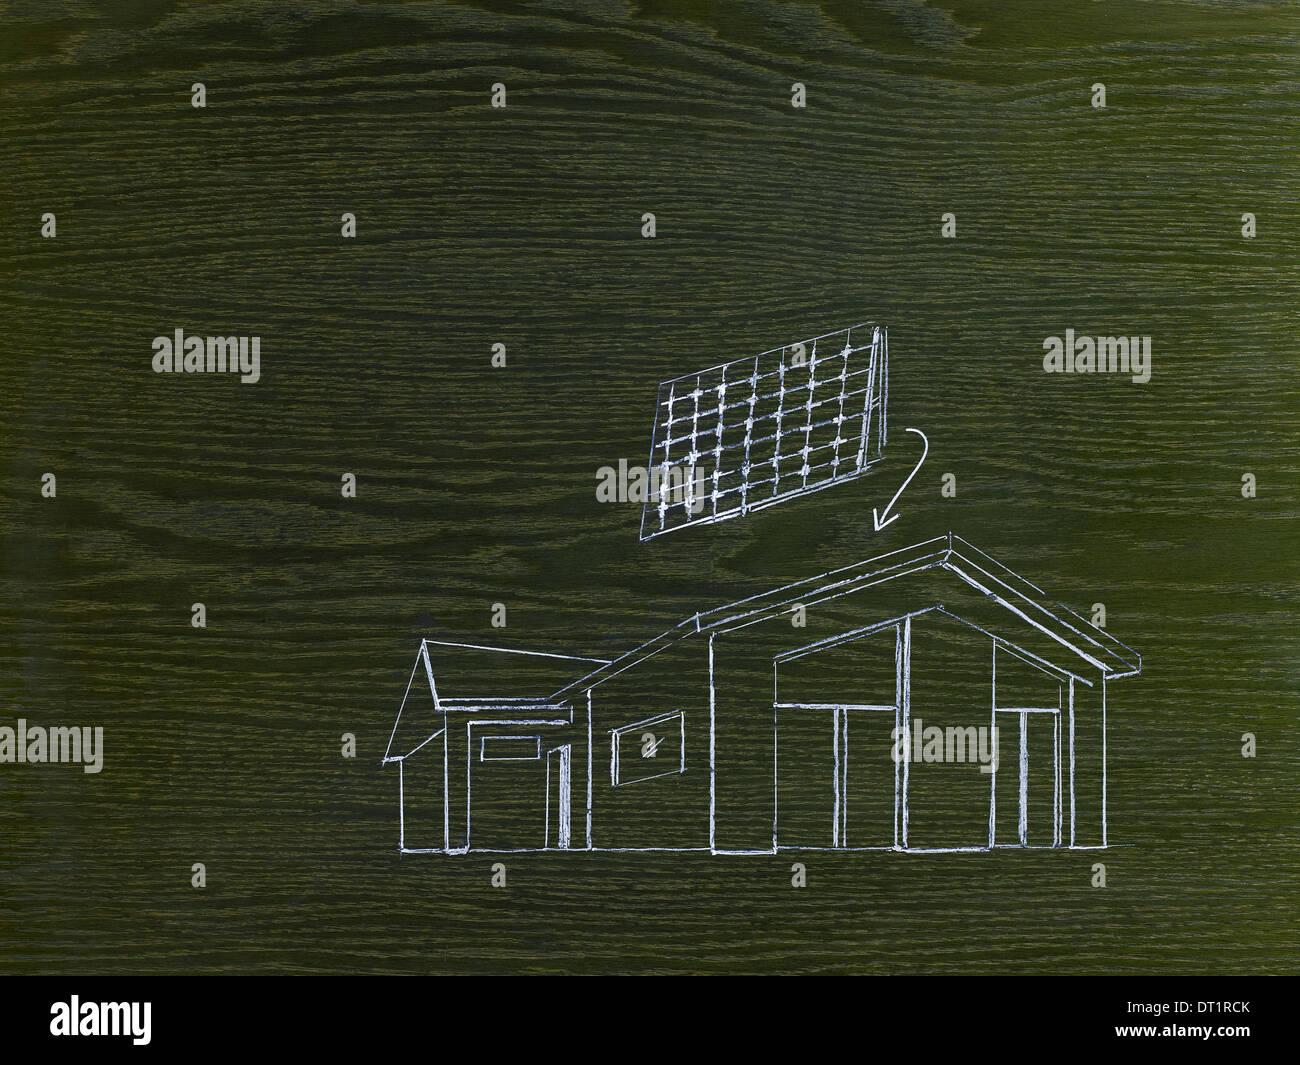 Eine Strichzeichnung Bild auf gemaserte Holz A Green-building-Projekt ein Haus mit Solarzellen für das Dach Stockbild